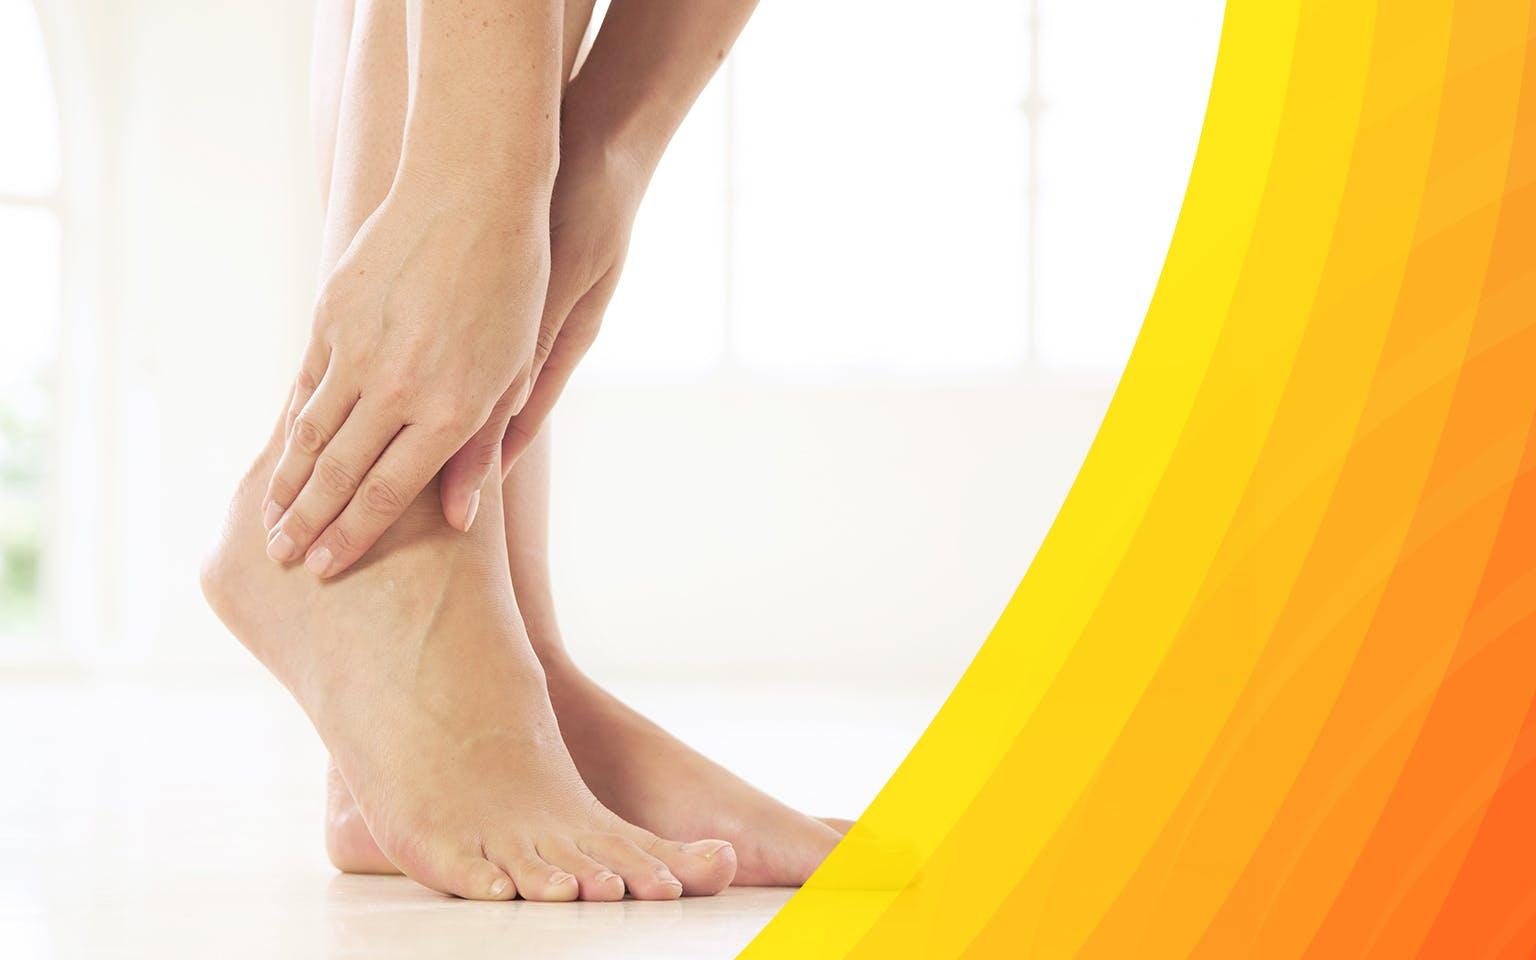 exercițiul intern de picior cald